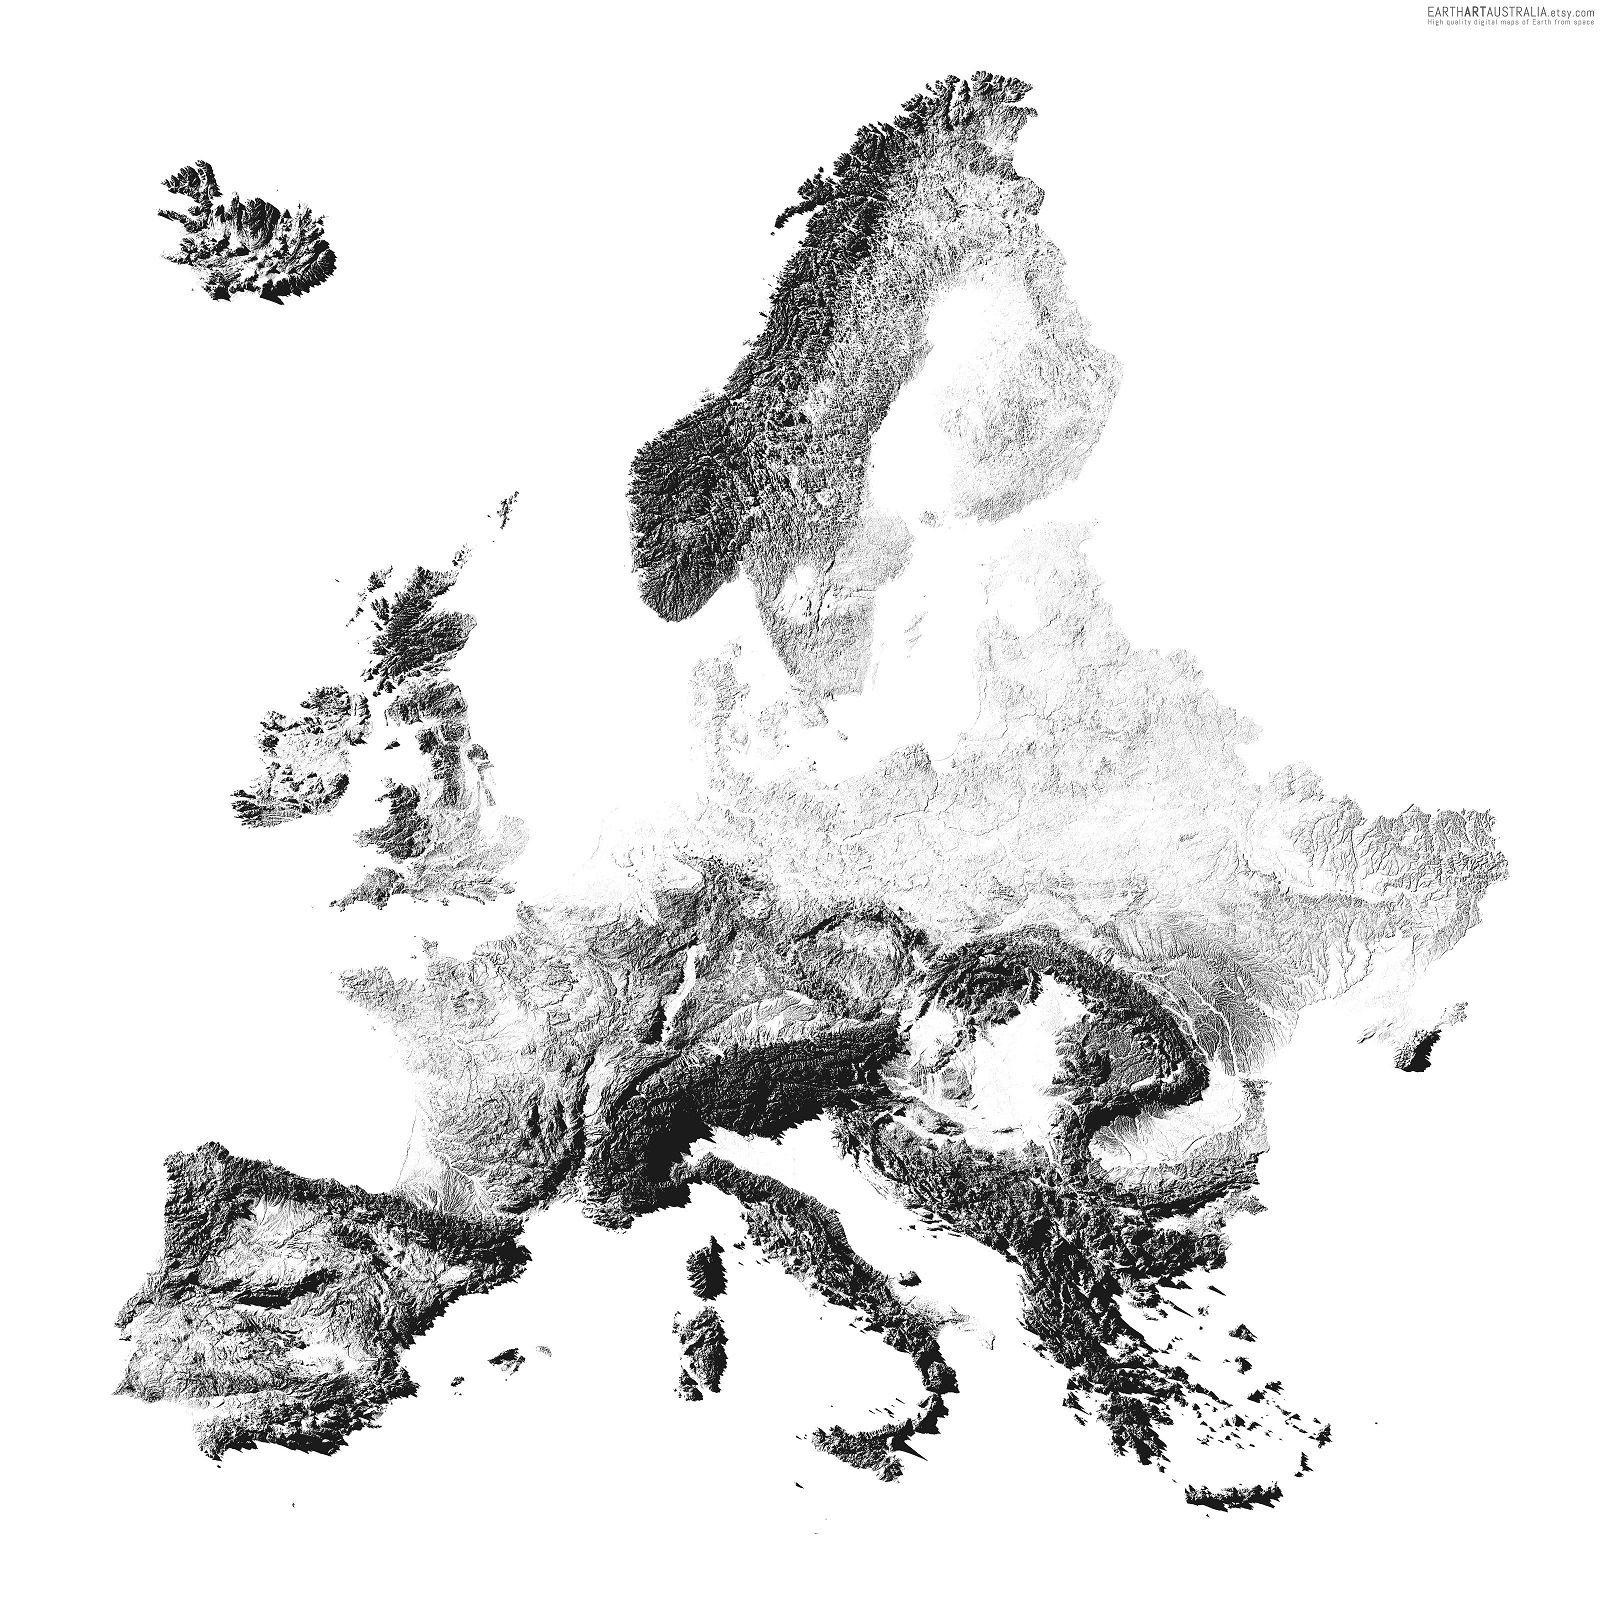 Mapa de Europa en sombras intenta recrear la vista de las sombras de las formas montañosas de nuestro continente justo después de la puesta de sol. Está creado con ArcGIS/QGIS a partir de los datos de altitud sobre el nivel del mar de Copernicus EU-DEM y de otras bases de datos cartográficas.